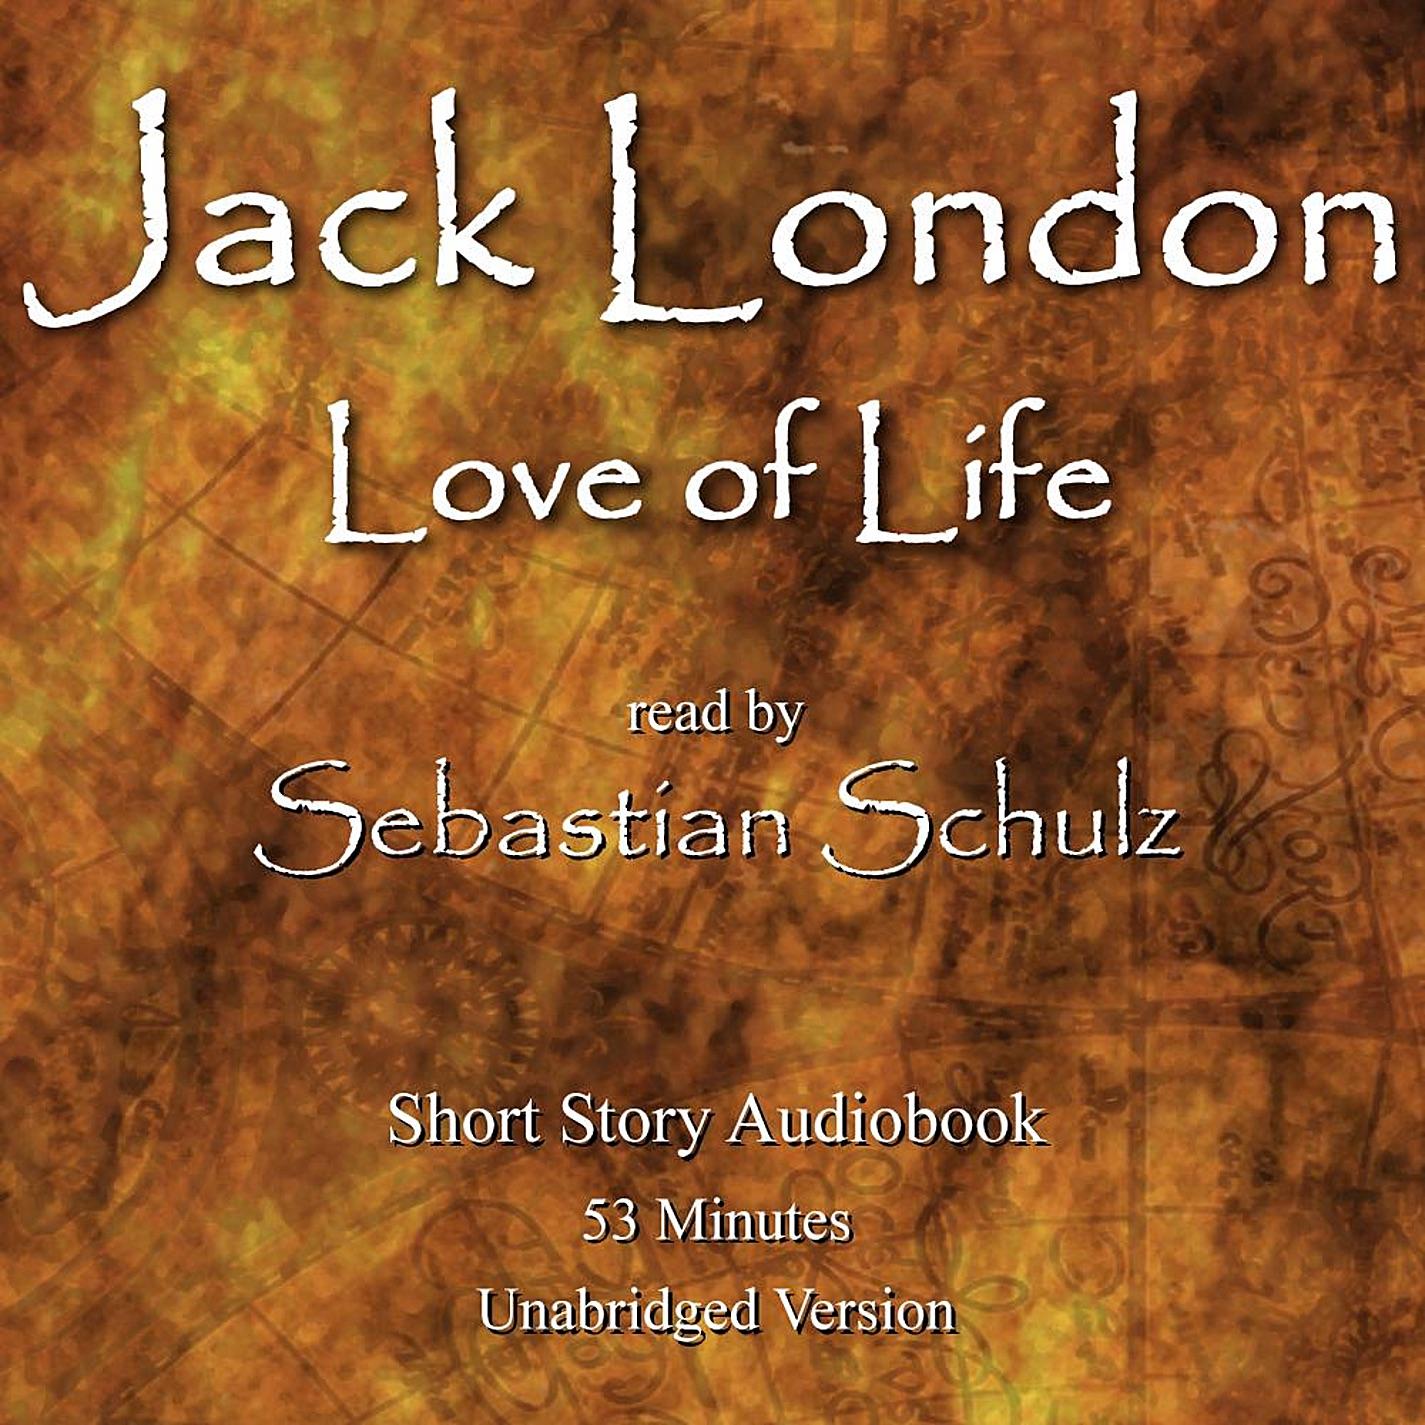 Джек лондон любовь к жизни аудиокнига слушать онлайн